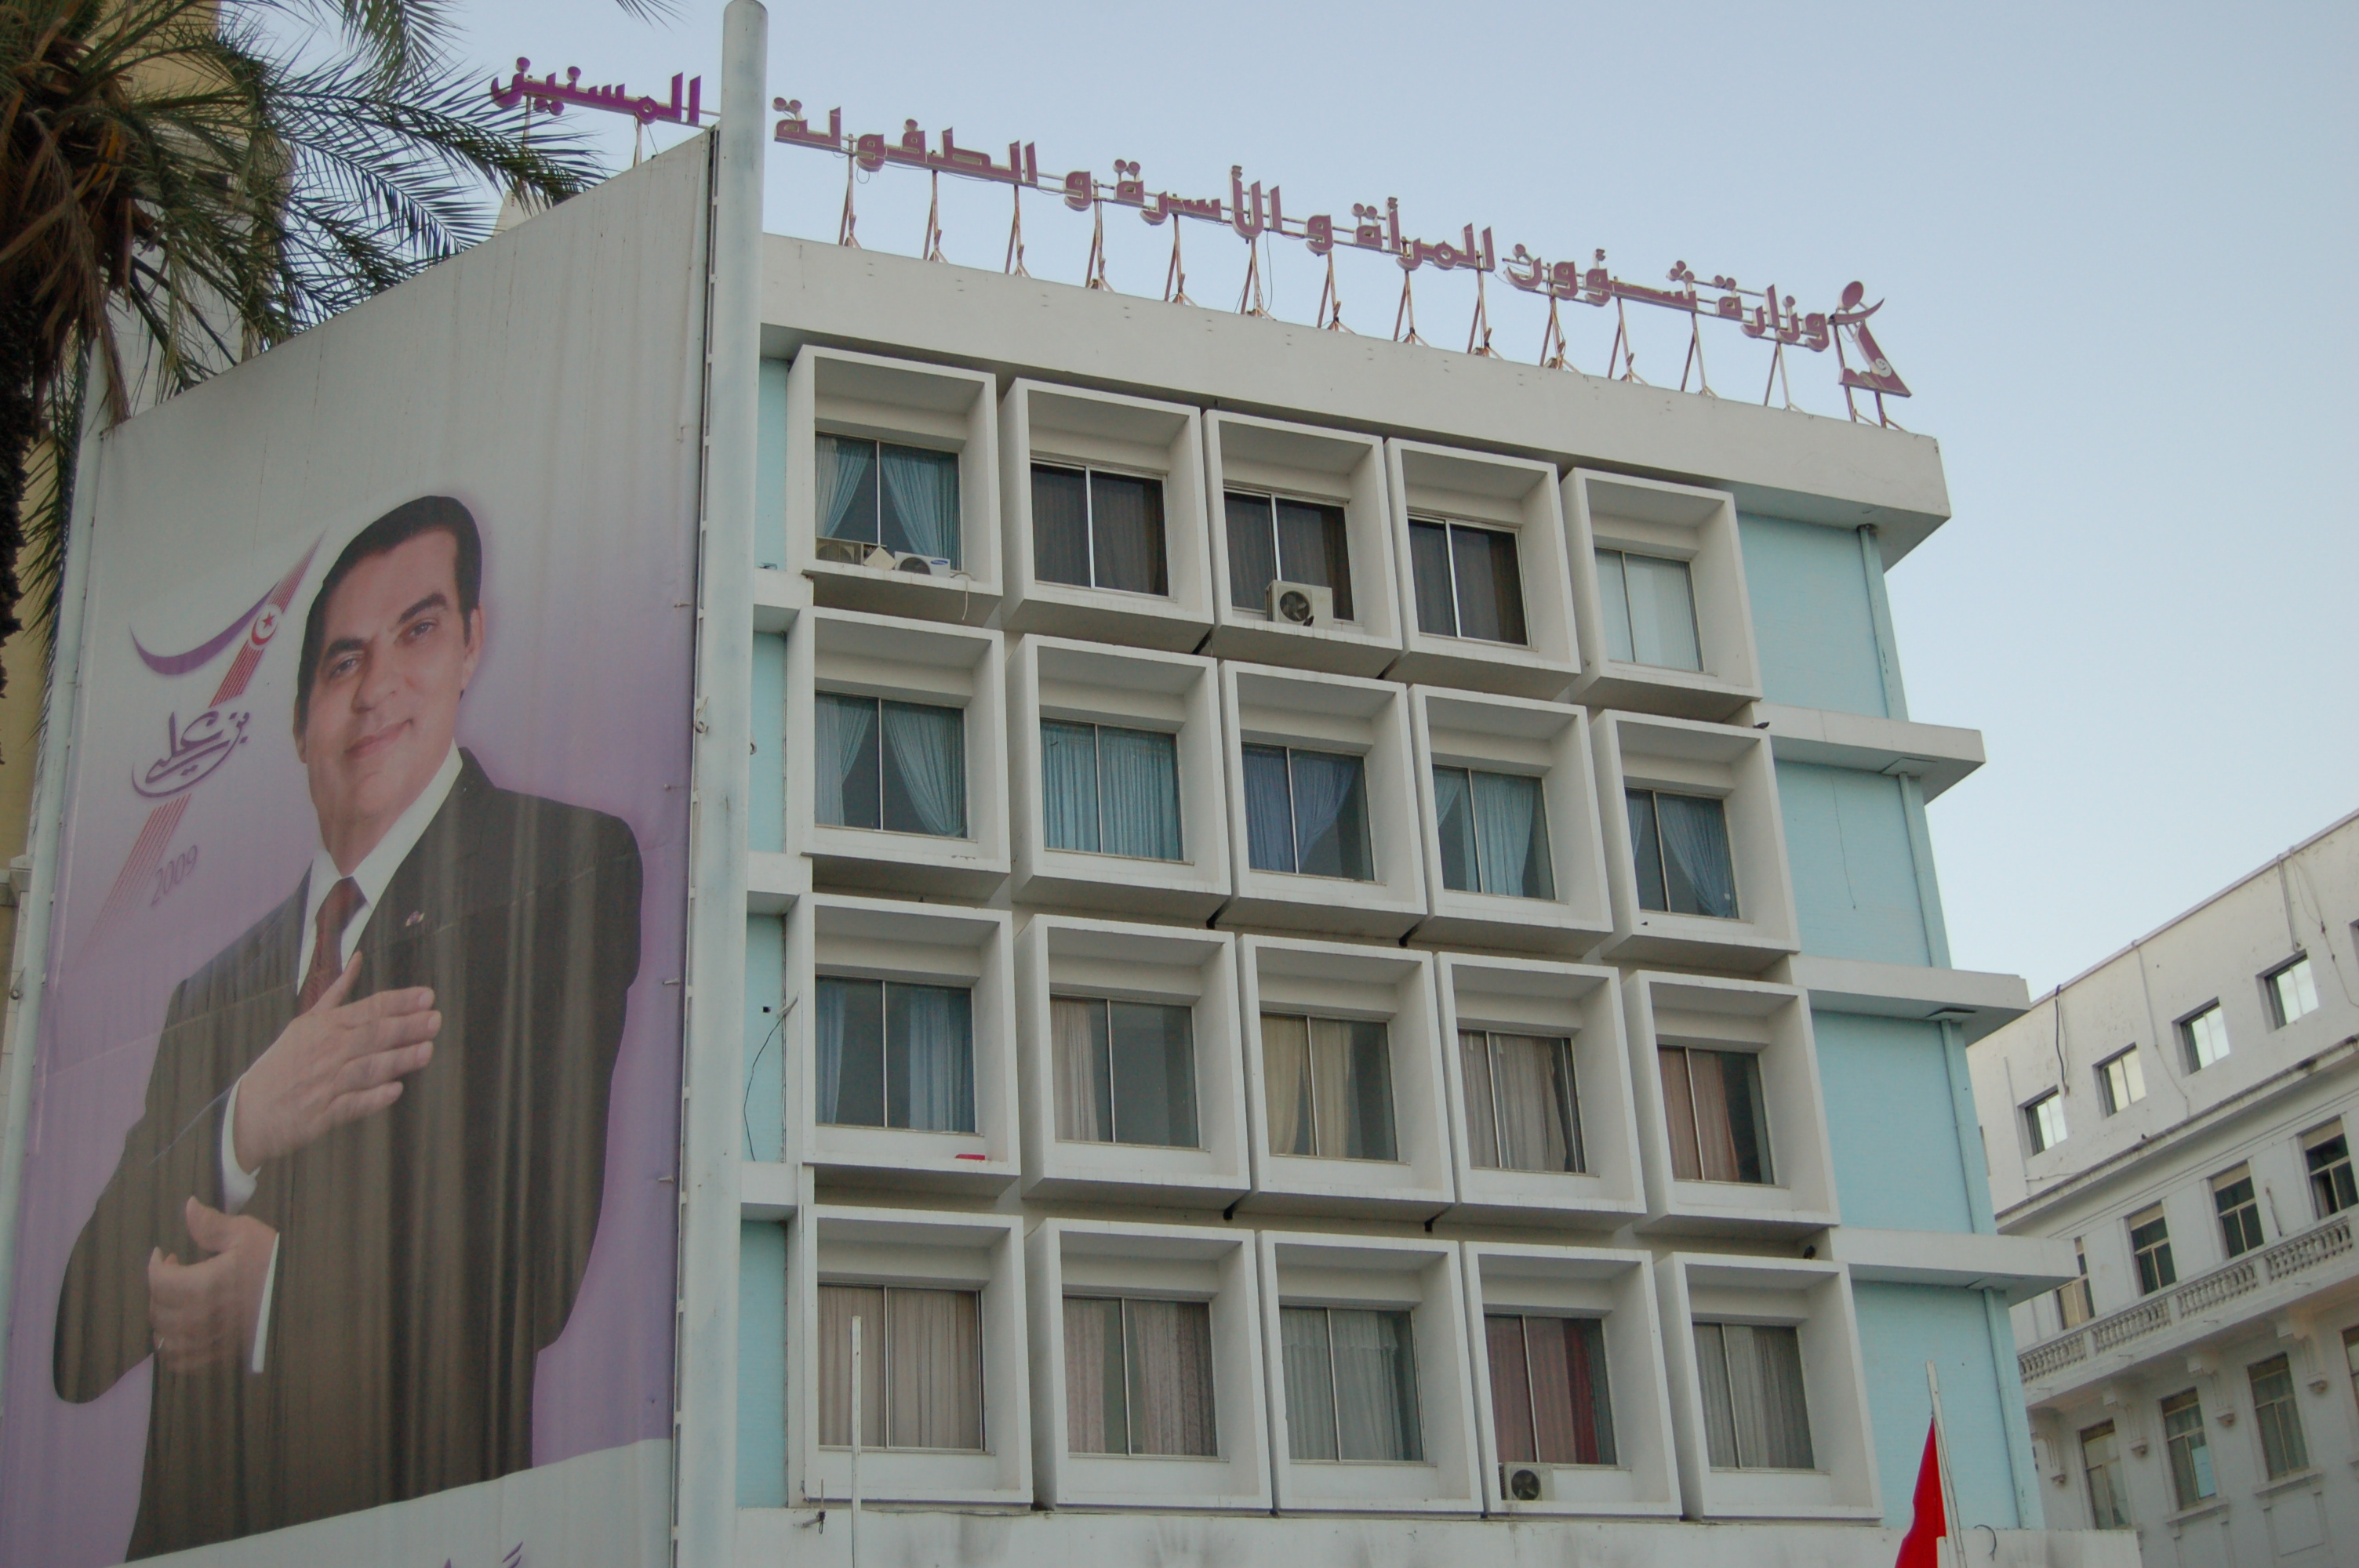 Portrait du président Ben Ali à Tunis en 2010. Cliché hautepop sur Flickr